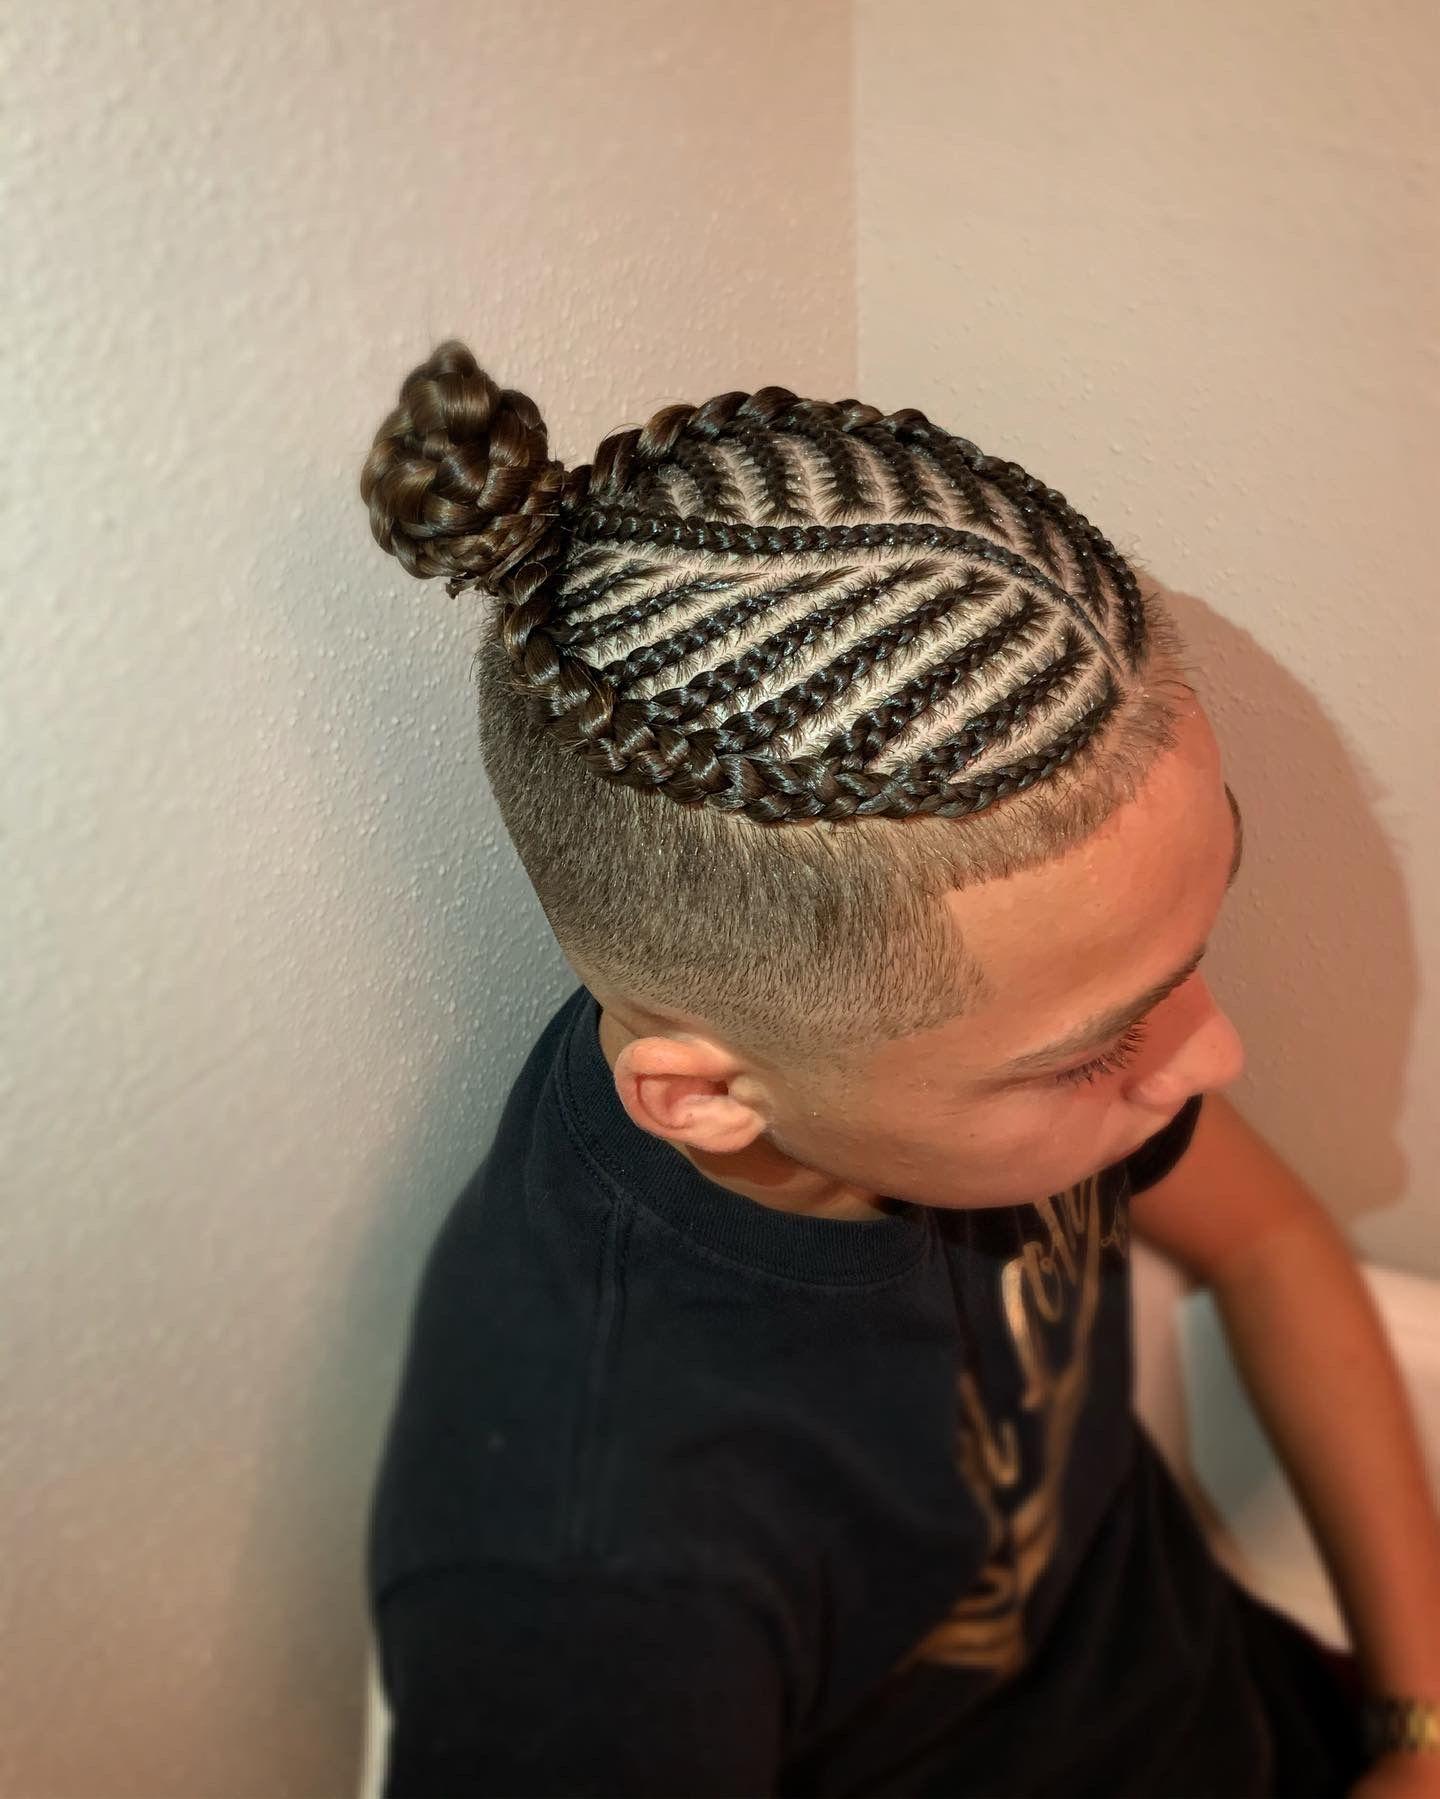 Braids In 2021 Hair Twist Styles Boy Braids Hairstyles Mens Braids Hairstyles